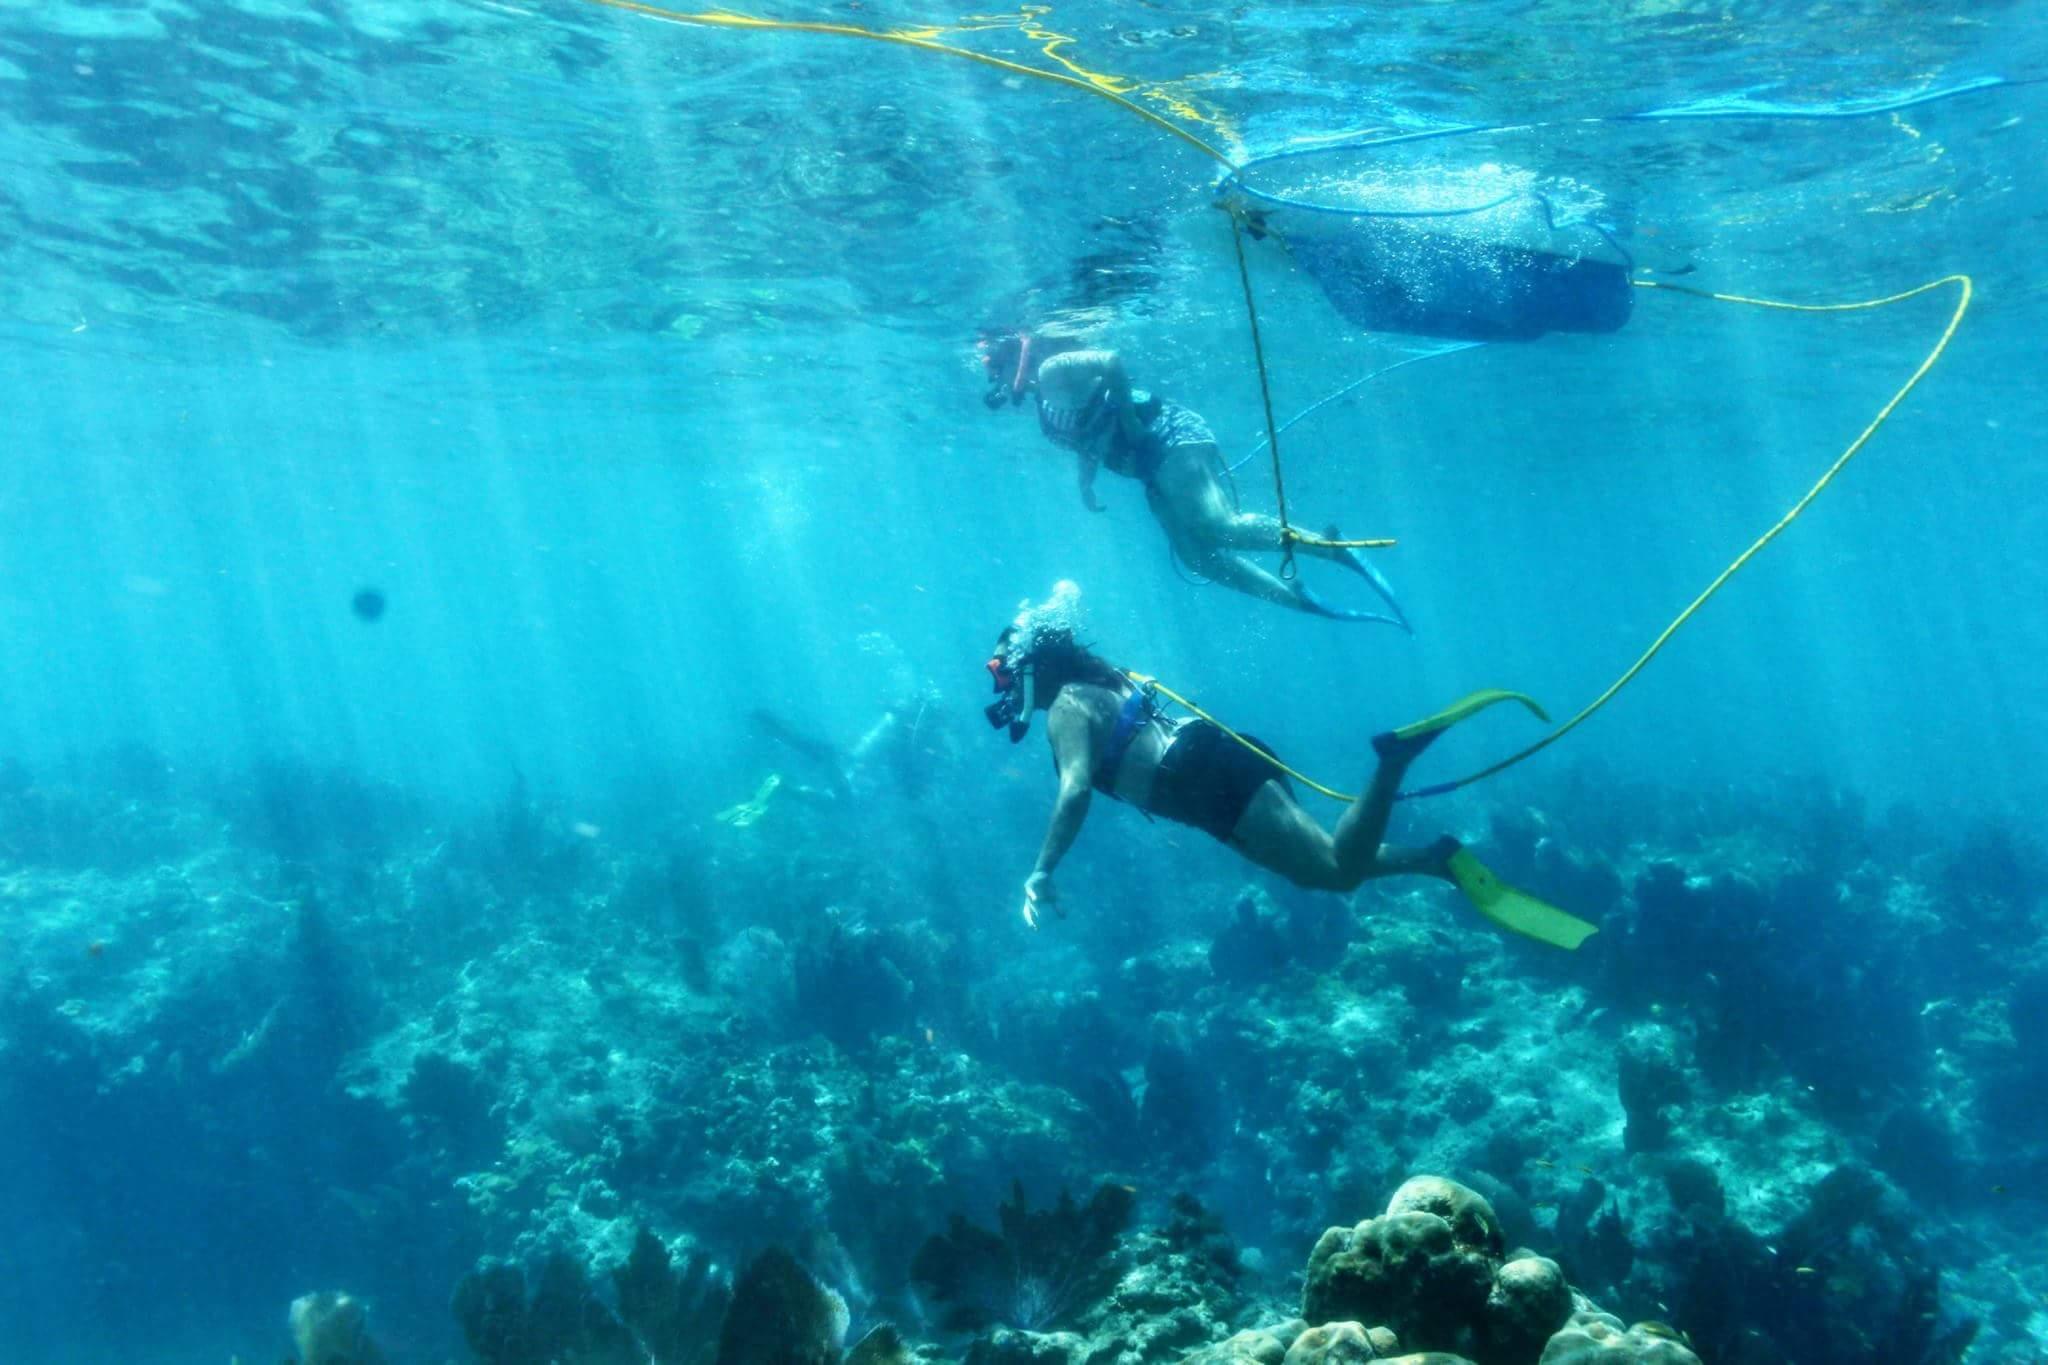 Find Key West Snorkeling Information Here At Fla-Keys.com